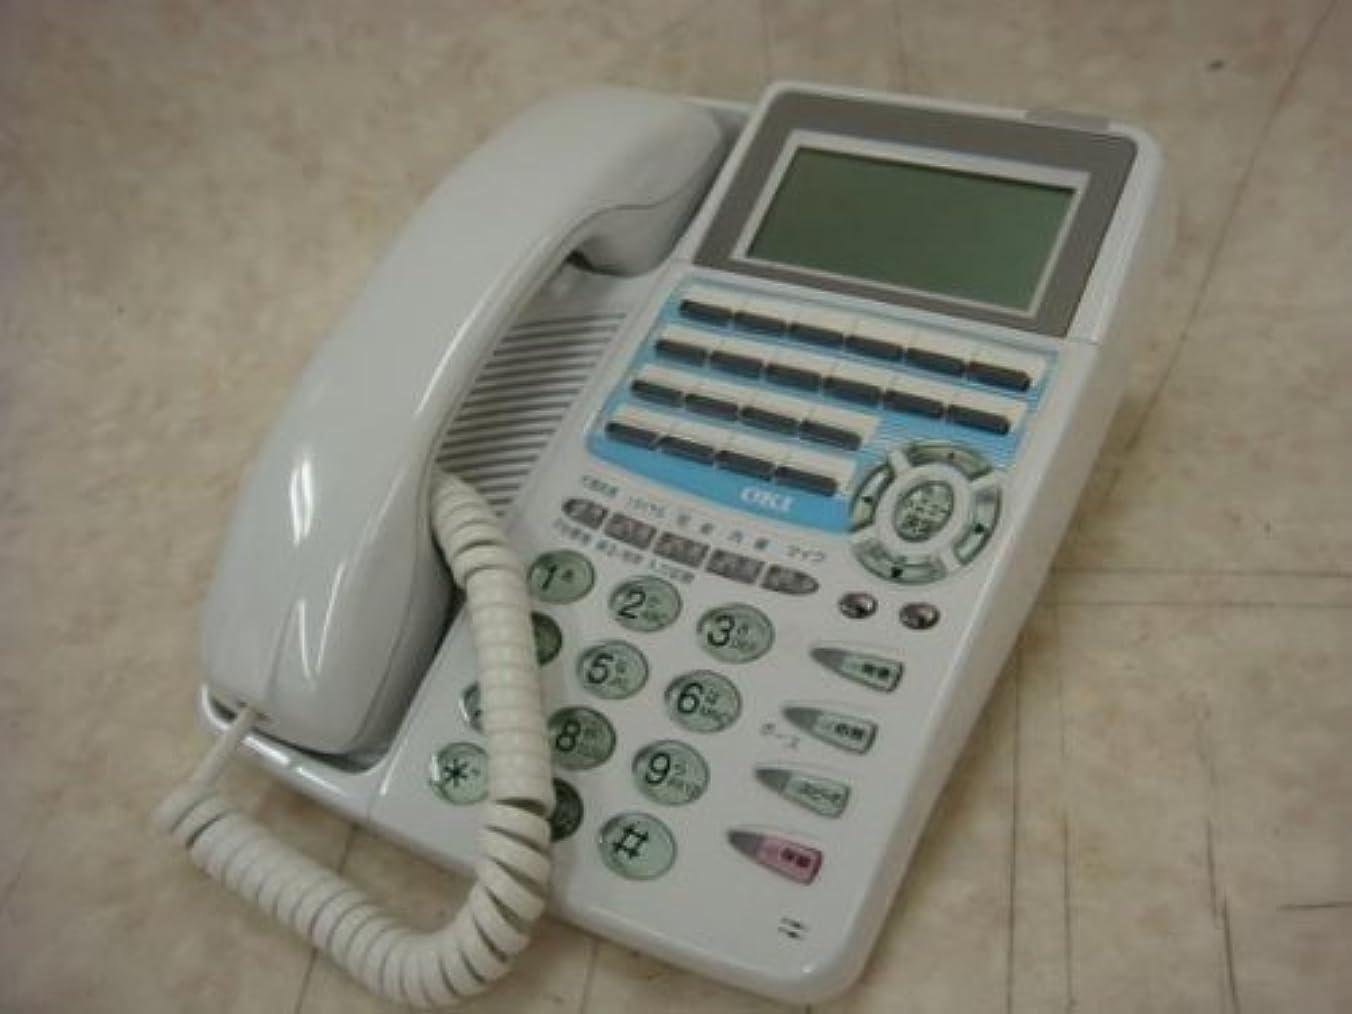 調整蒸し器ライトニングMKT/SE-20DK-L 沖OKI 漢字対応電話機 ビジネスフォン